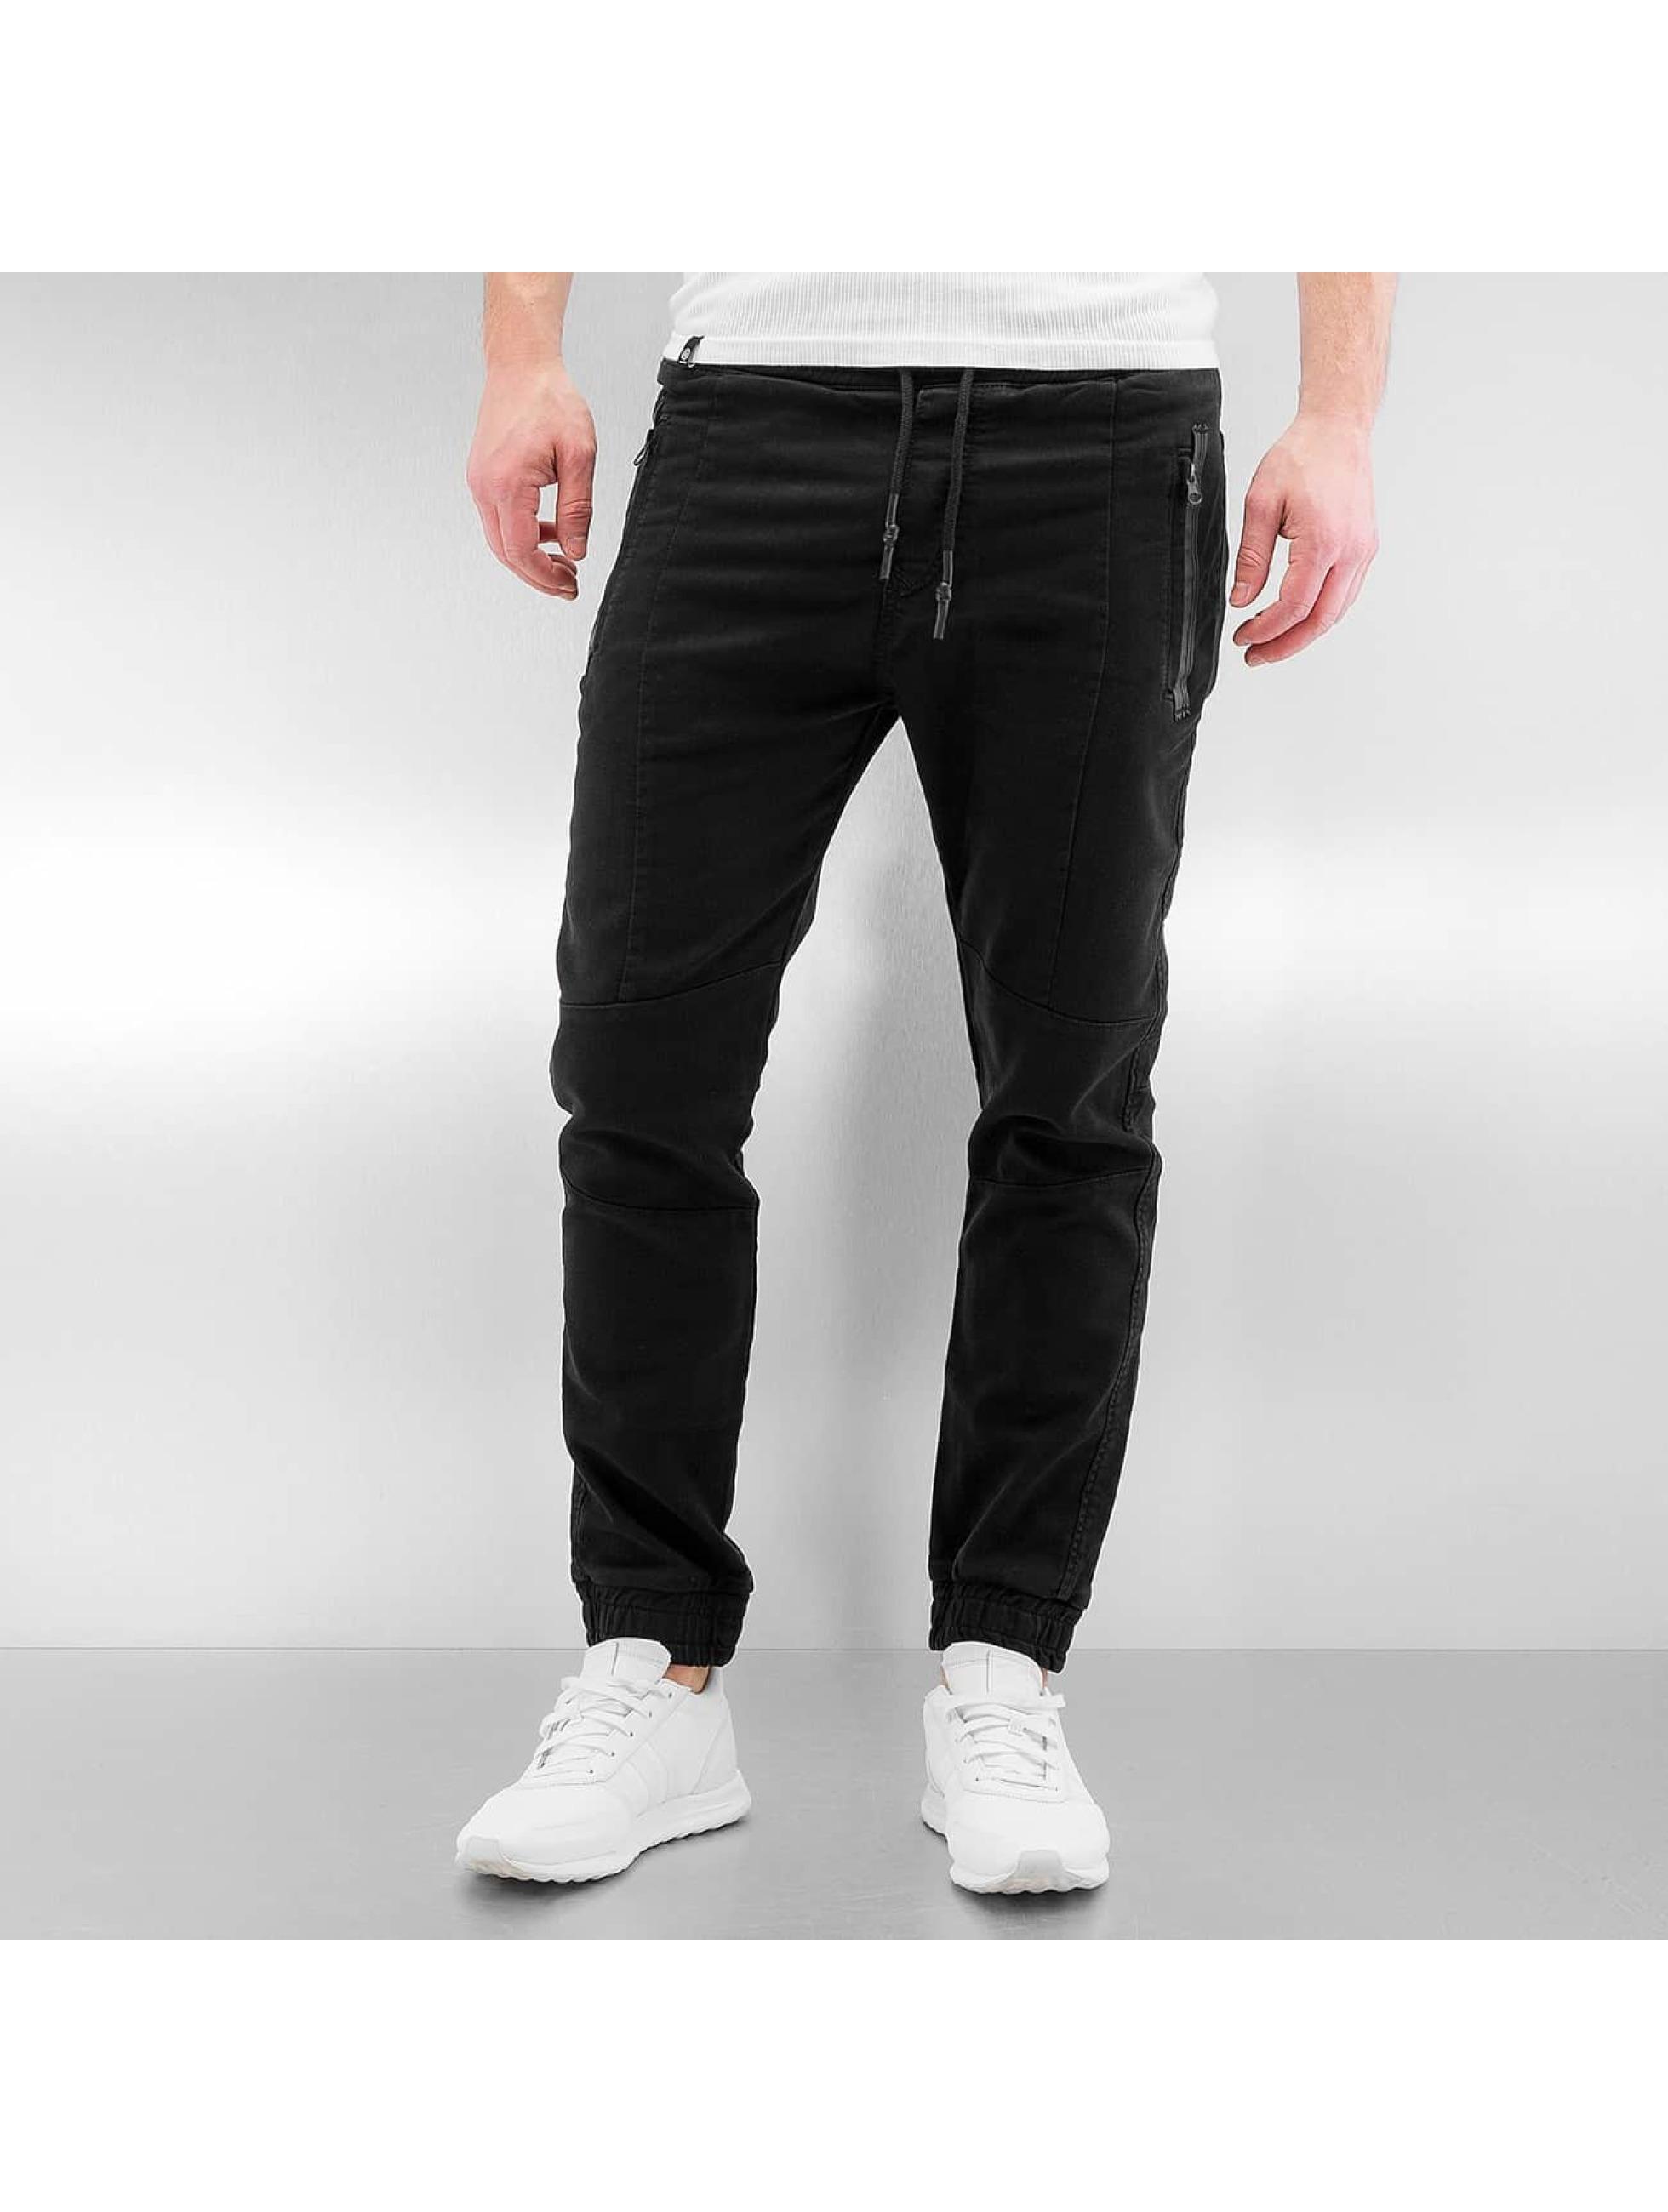 2Y / Sweat Pant Leeds in black W 33